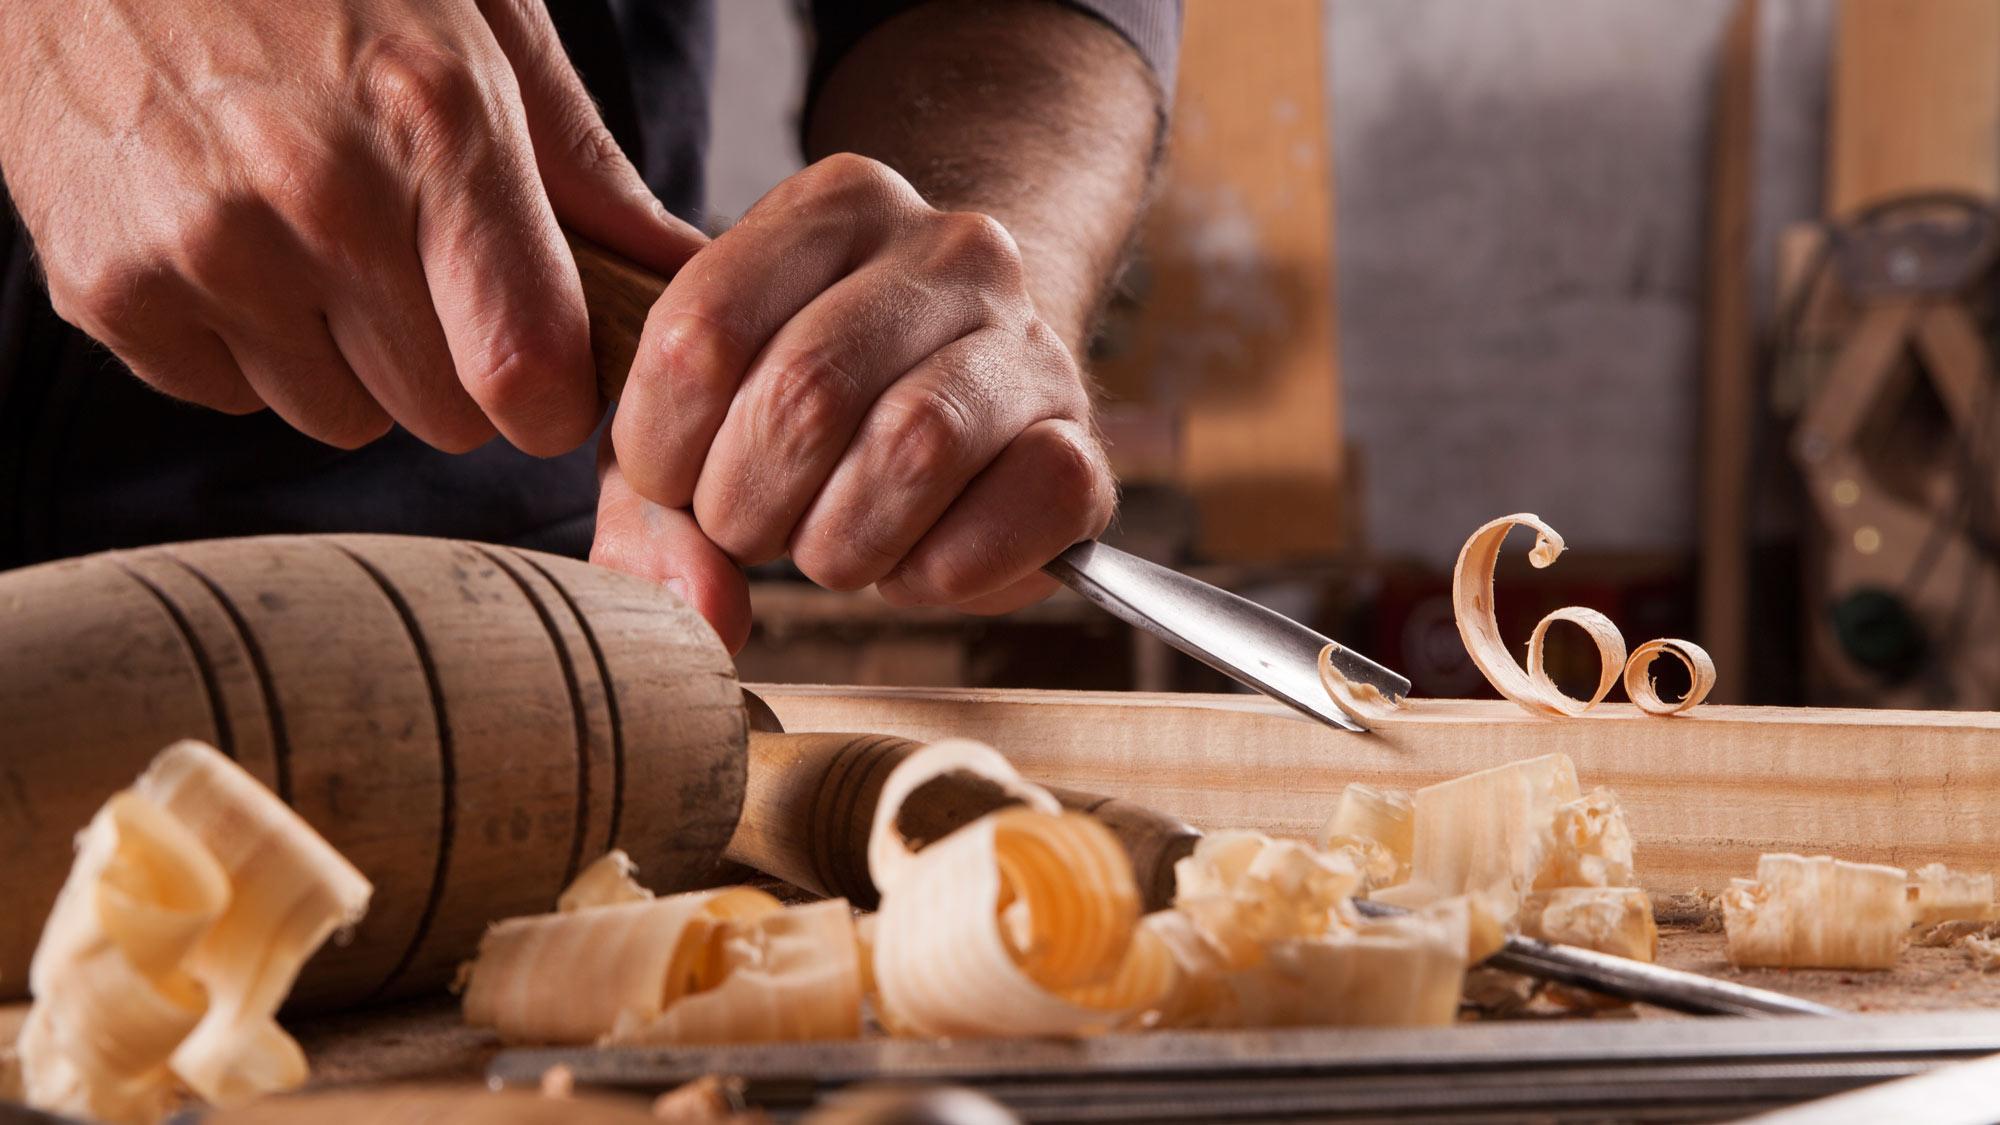 Intaglio legno | La tecnica spiegata passo passo